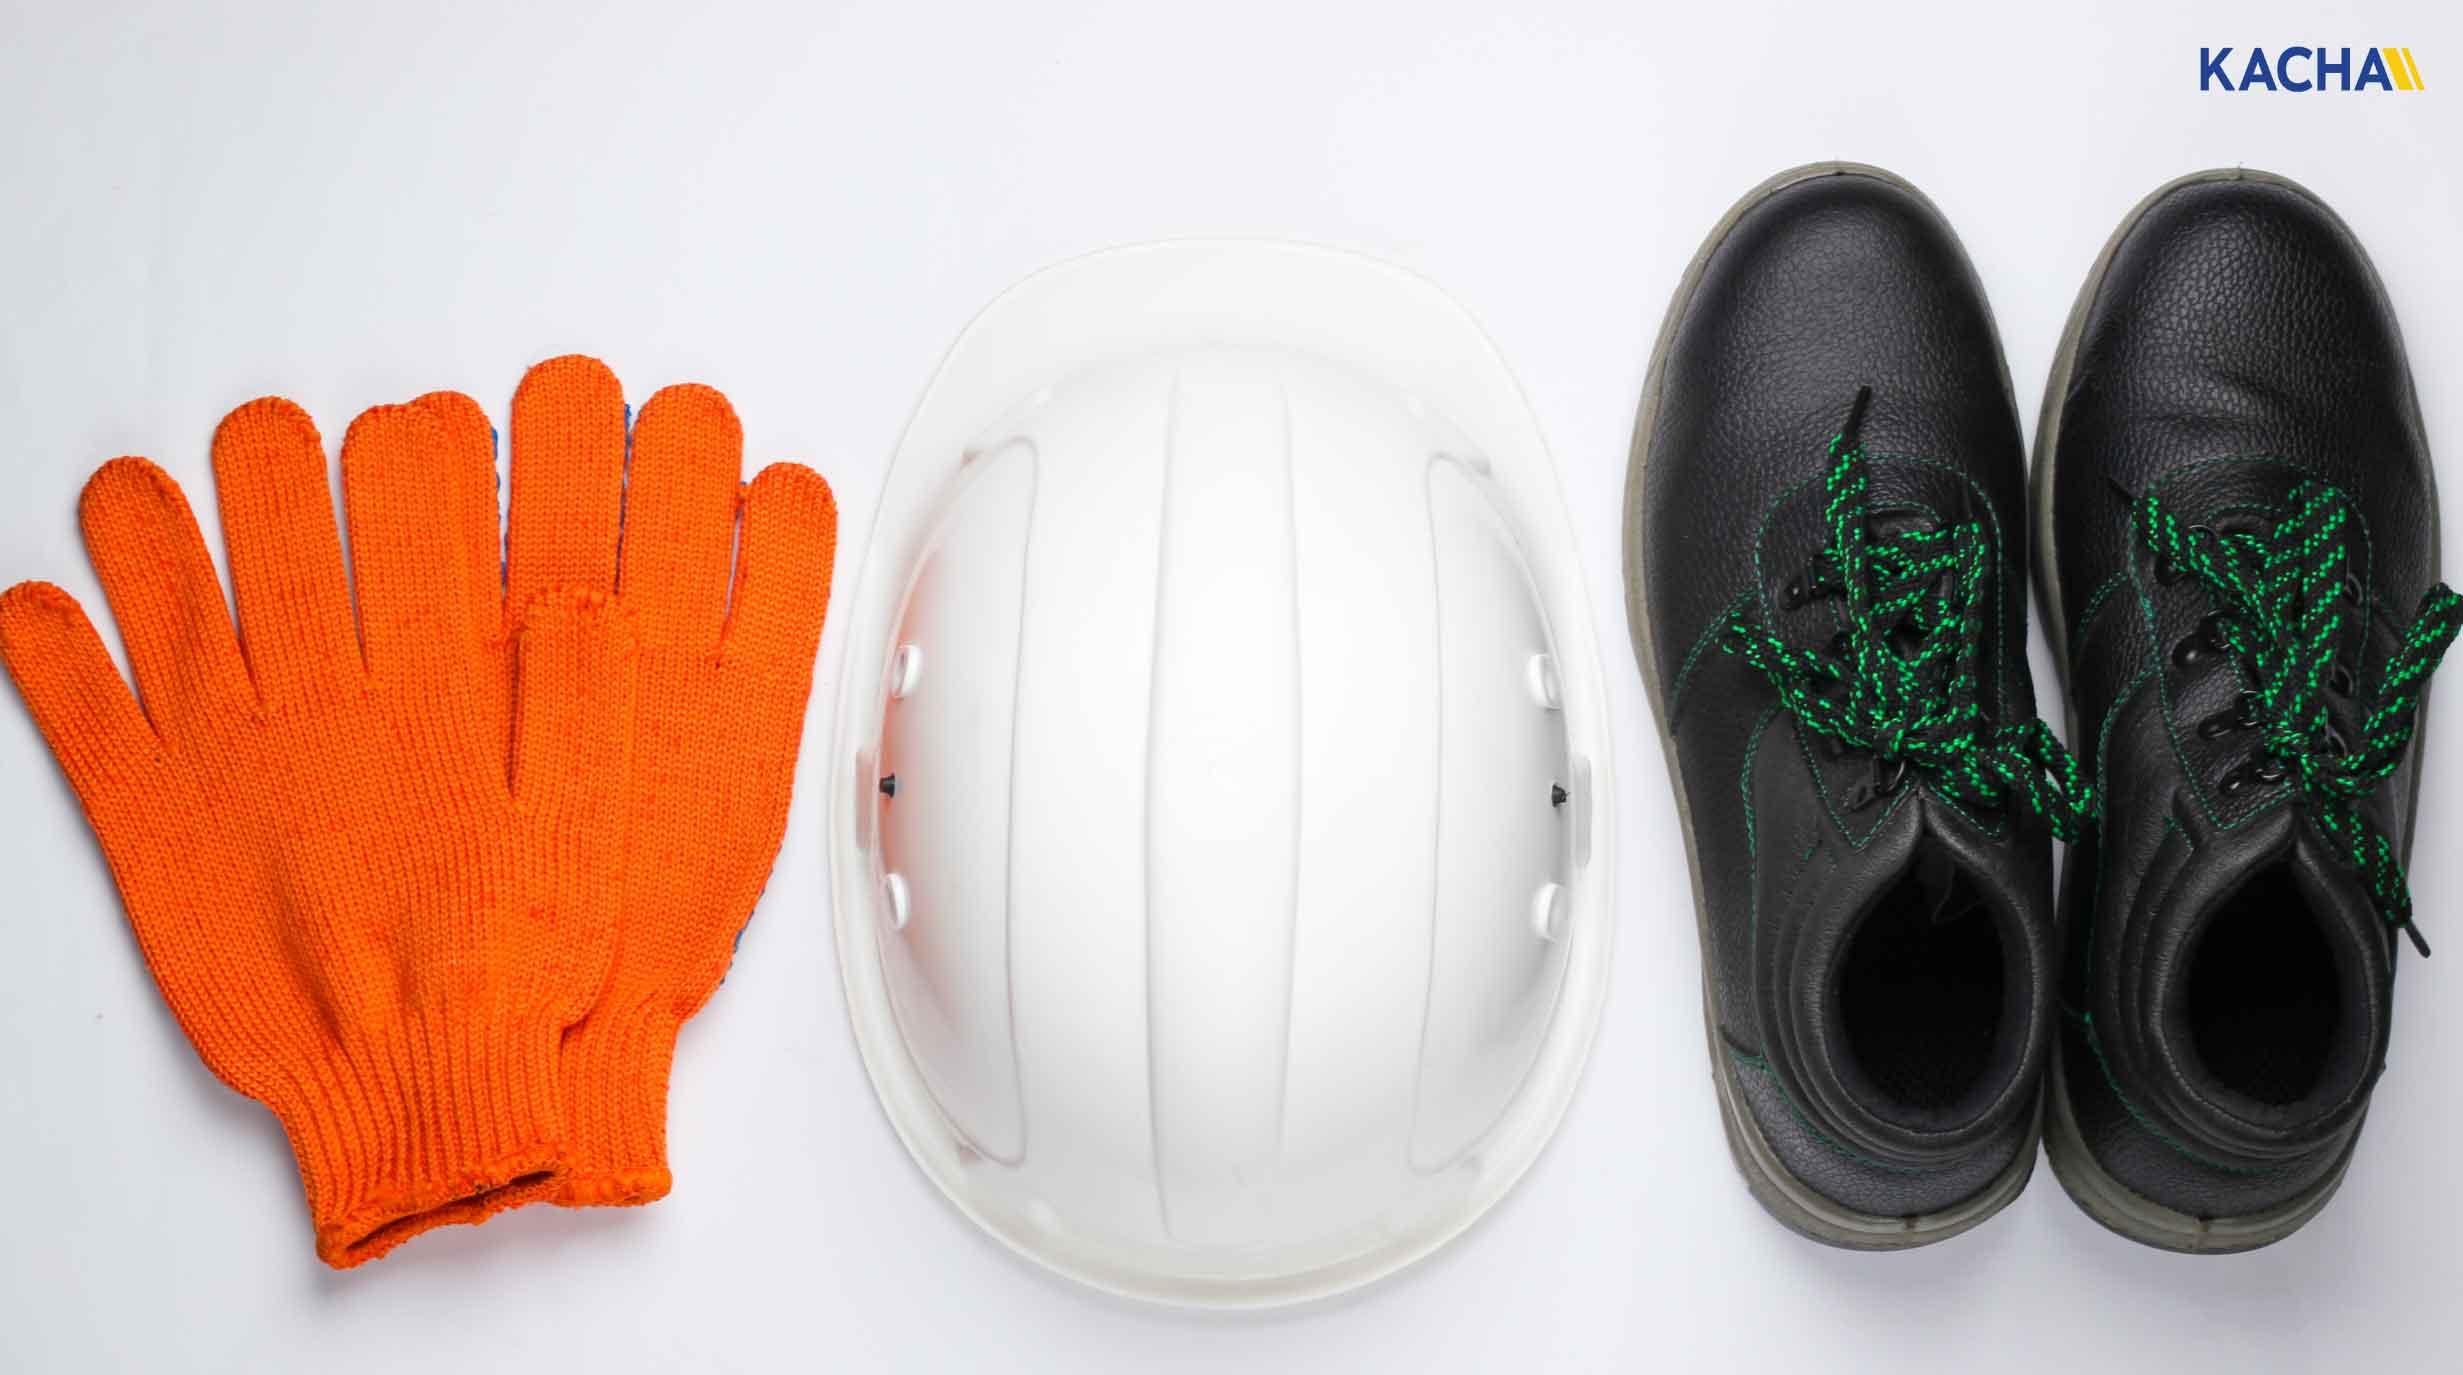 210616-Content-อุปกรณ์เซฟตี้-หรือ-PPE-คืออะไร03